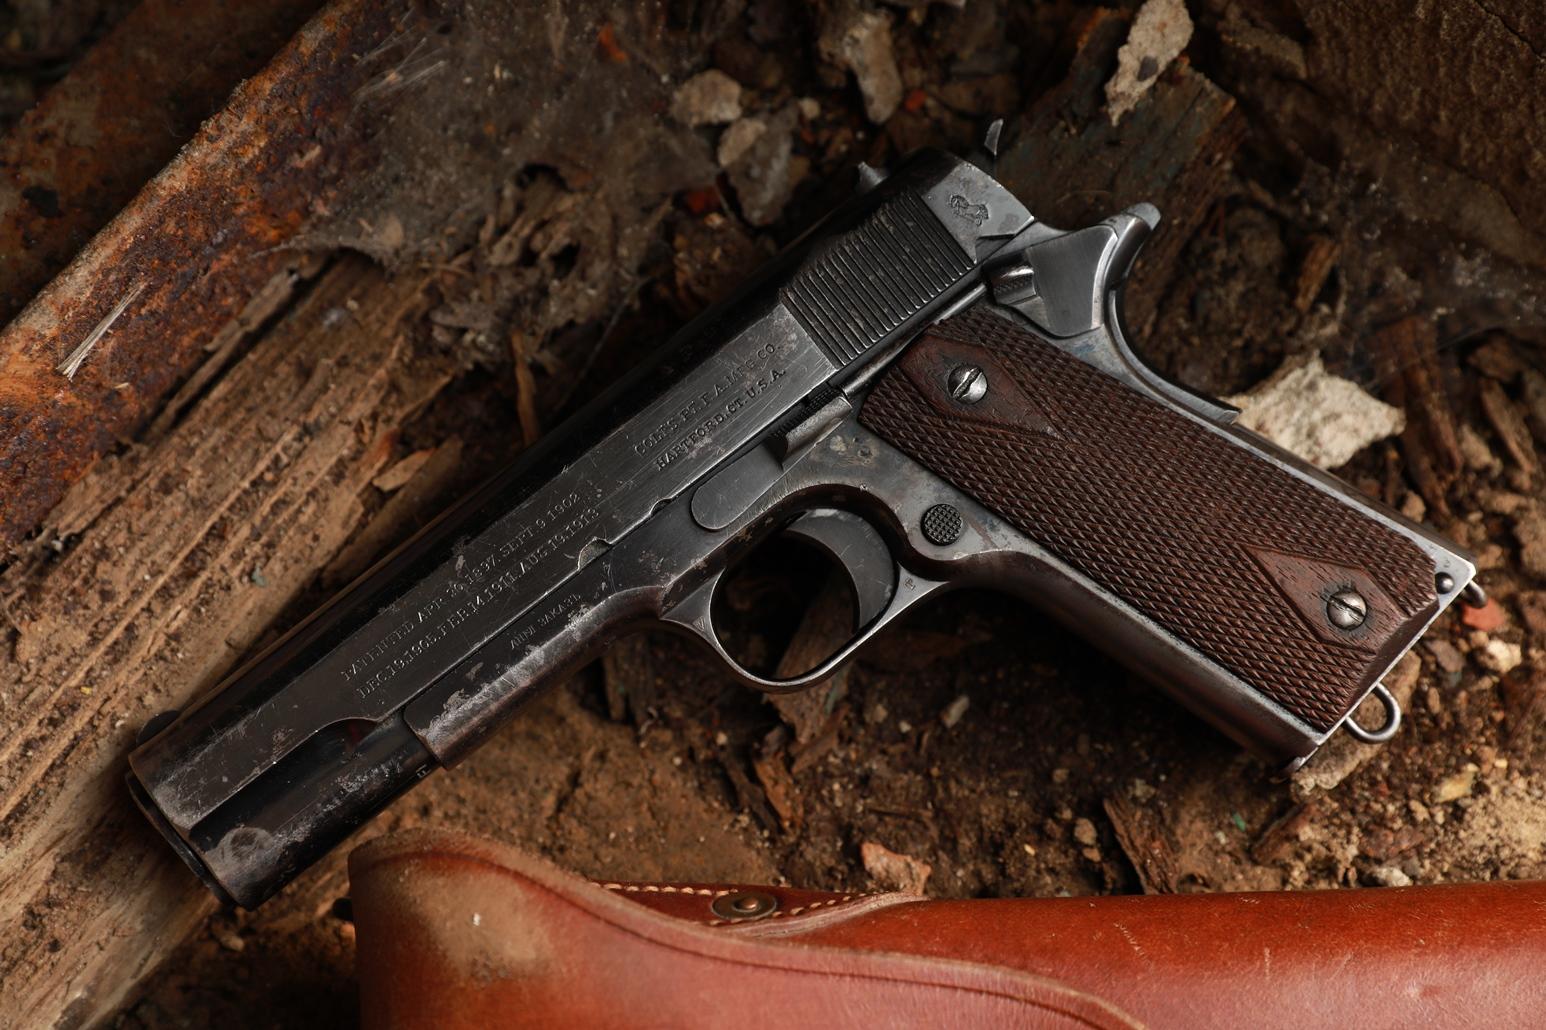 Пистолет Colt 1911 #51977 АНГЛ. ЗАКАЗЪ